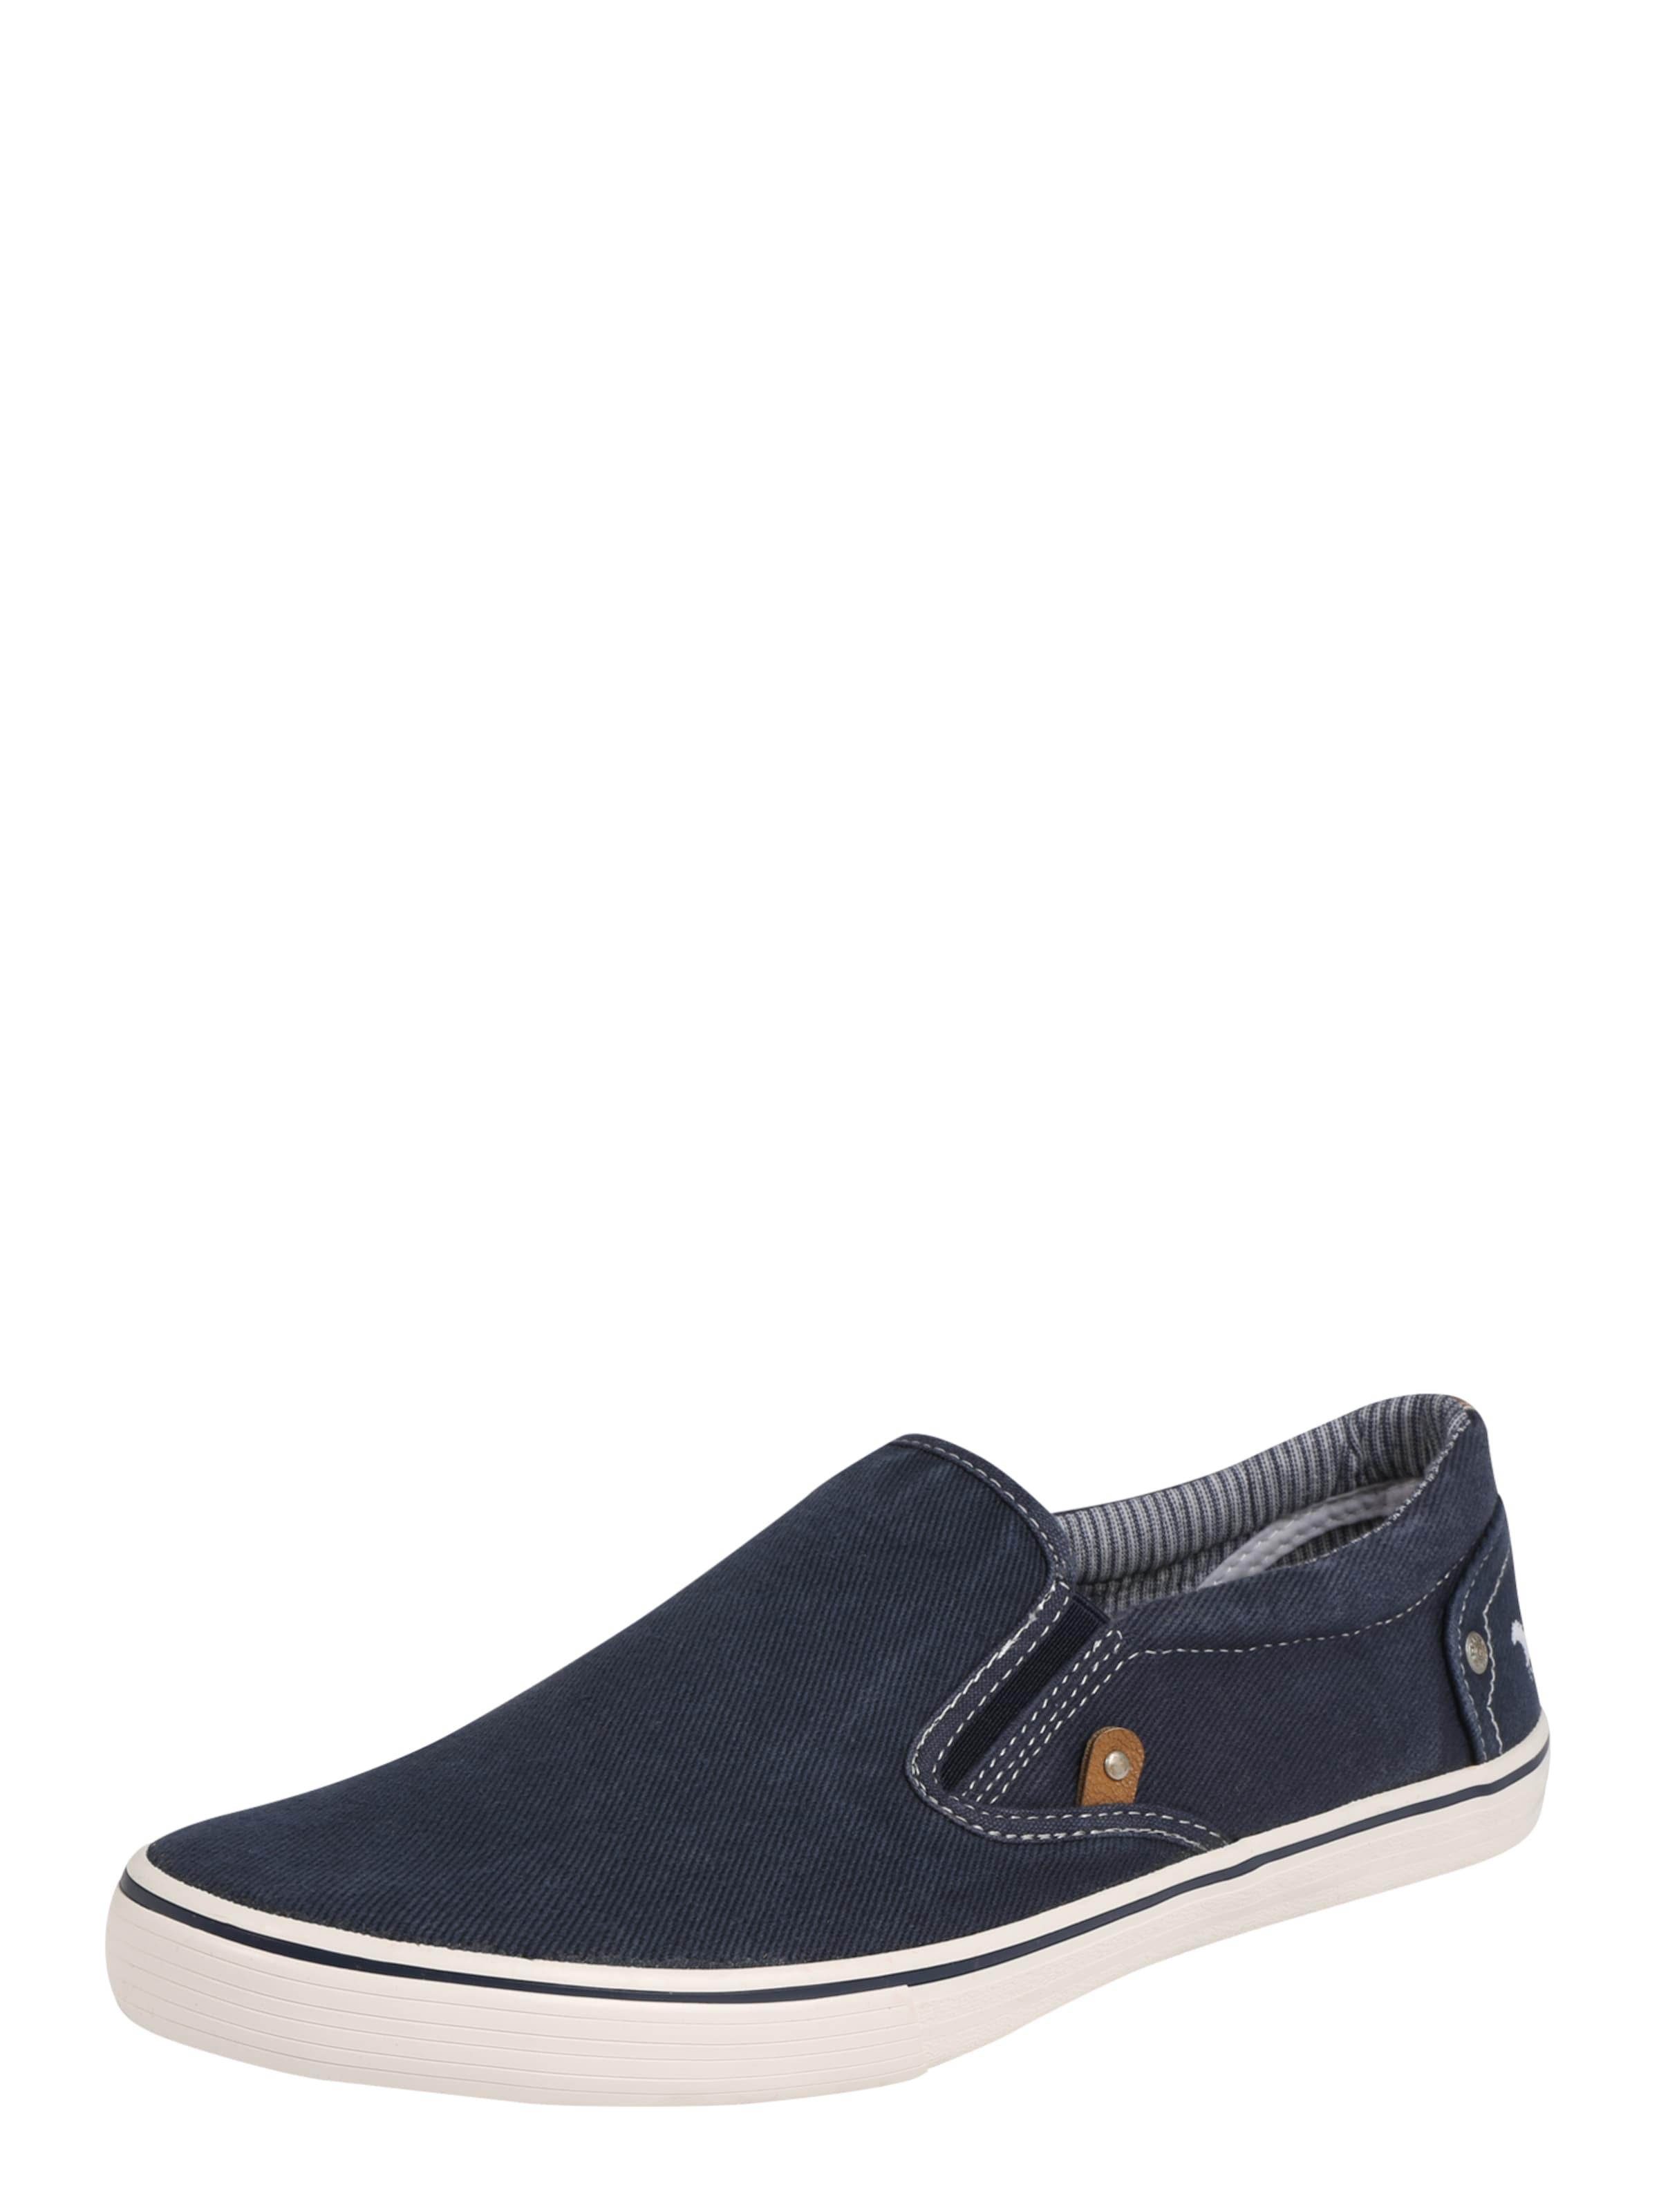 MUSTANG Bequeme Slip-On Sneaker Verschleißfeste billige Schuhe